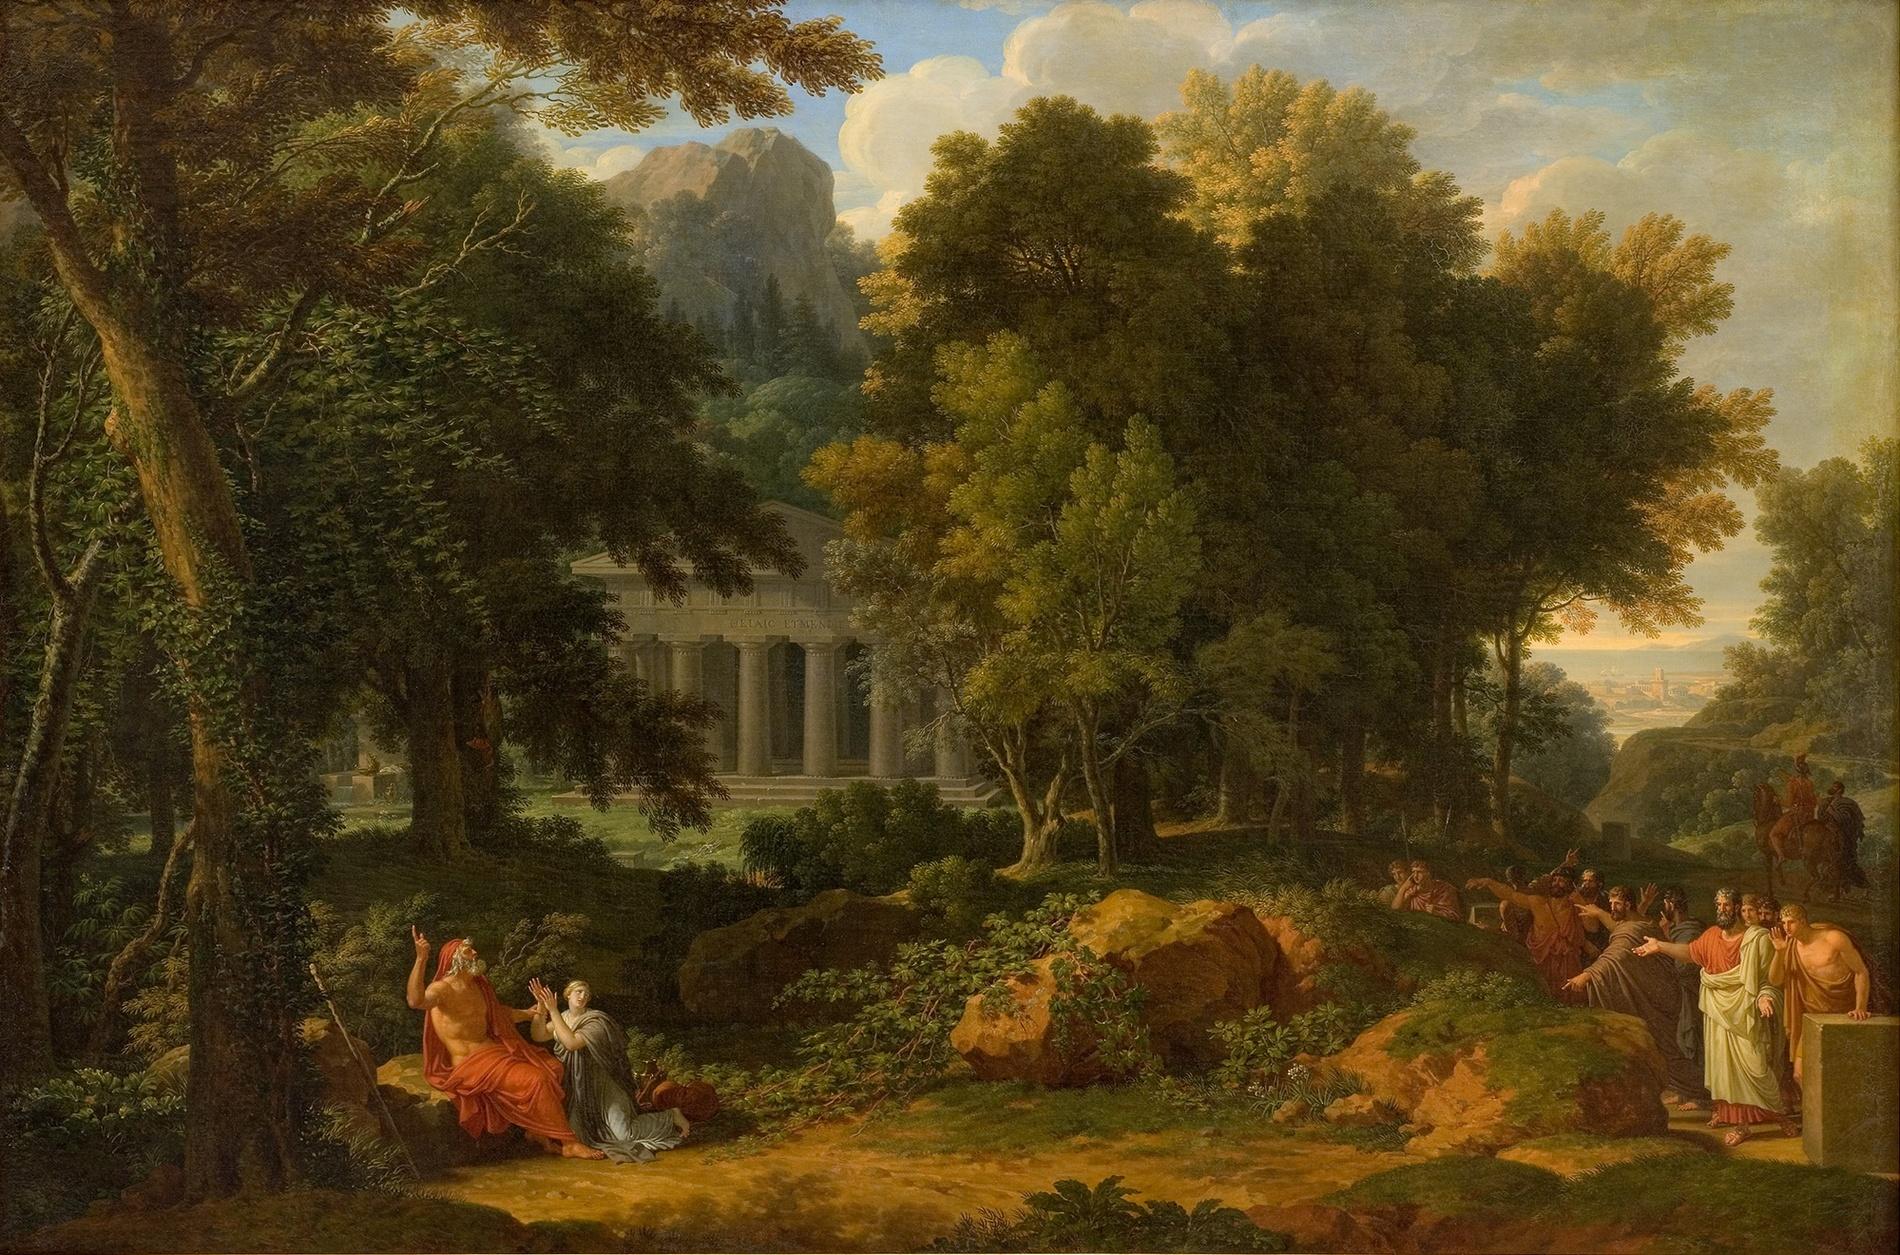 Les jardins de Colone